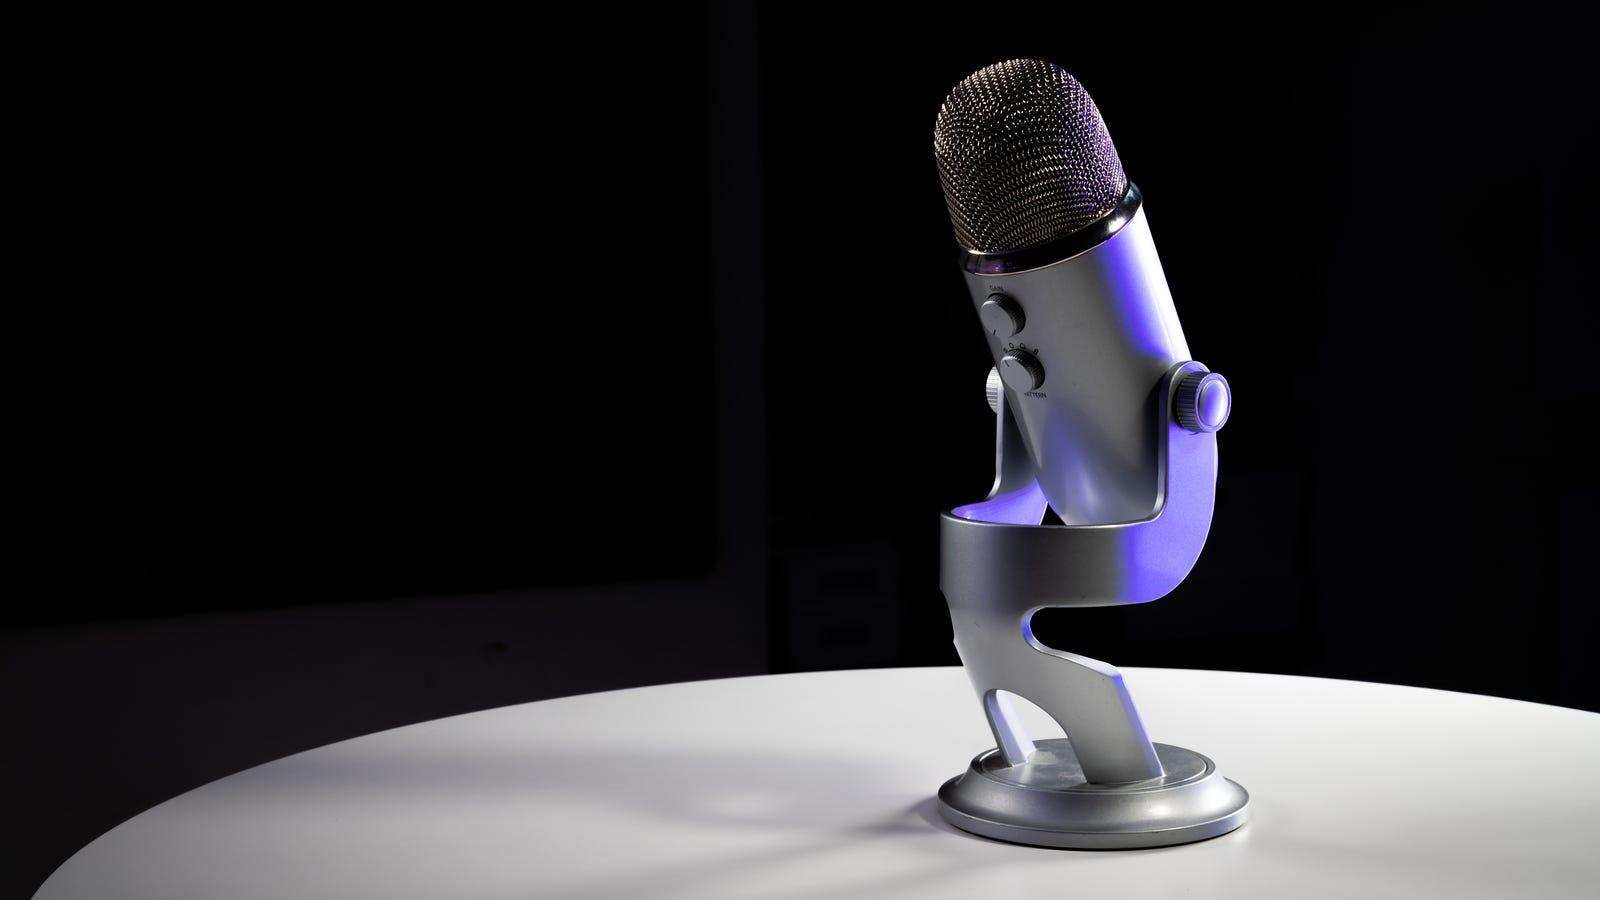 Микрофон Blue Yeti на серебряном столе на черном фоне